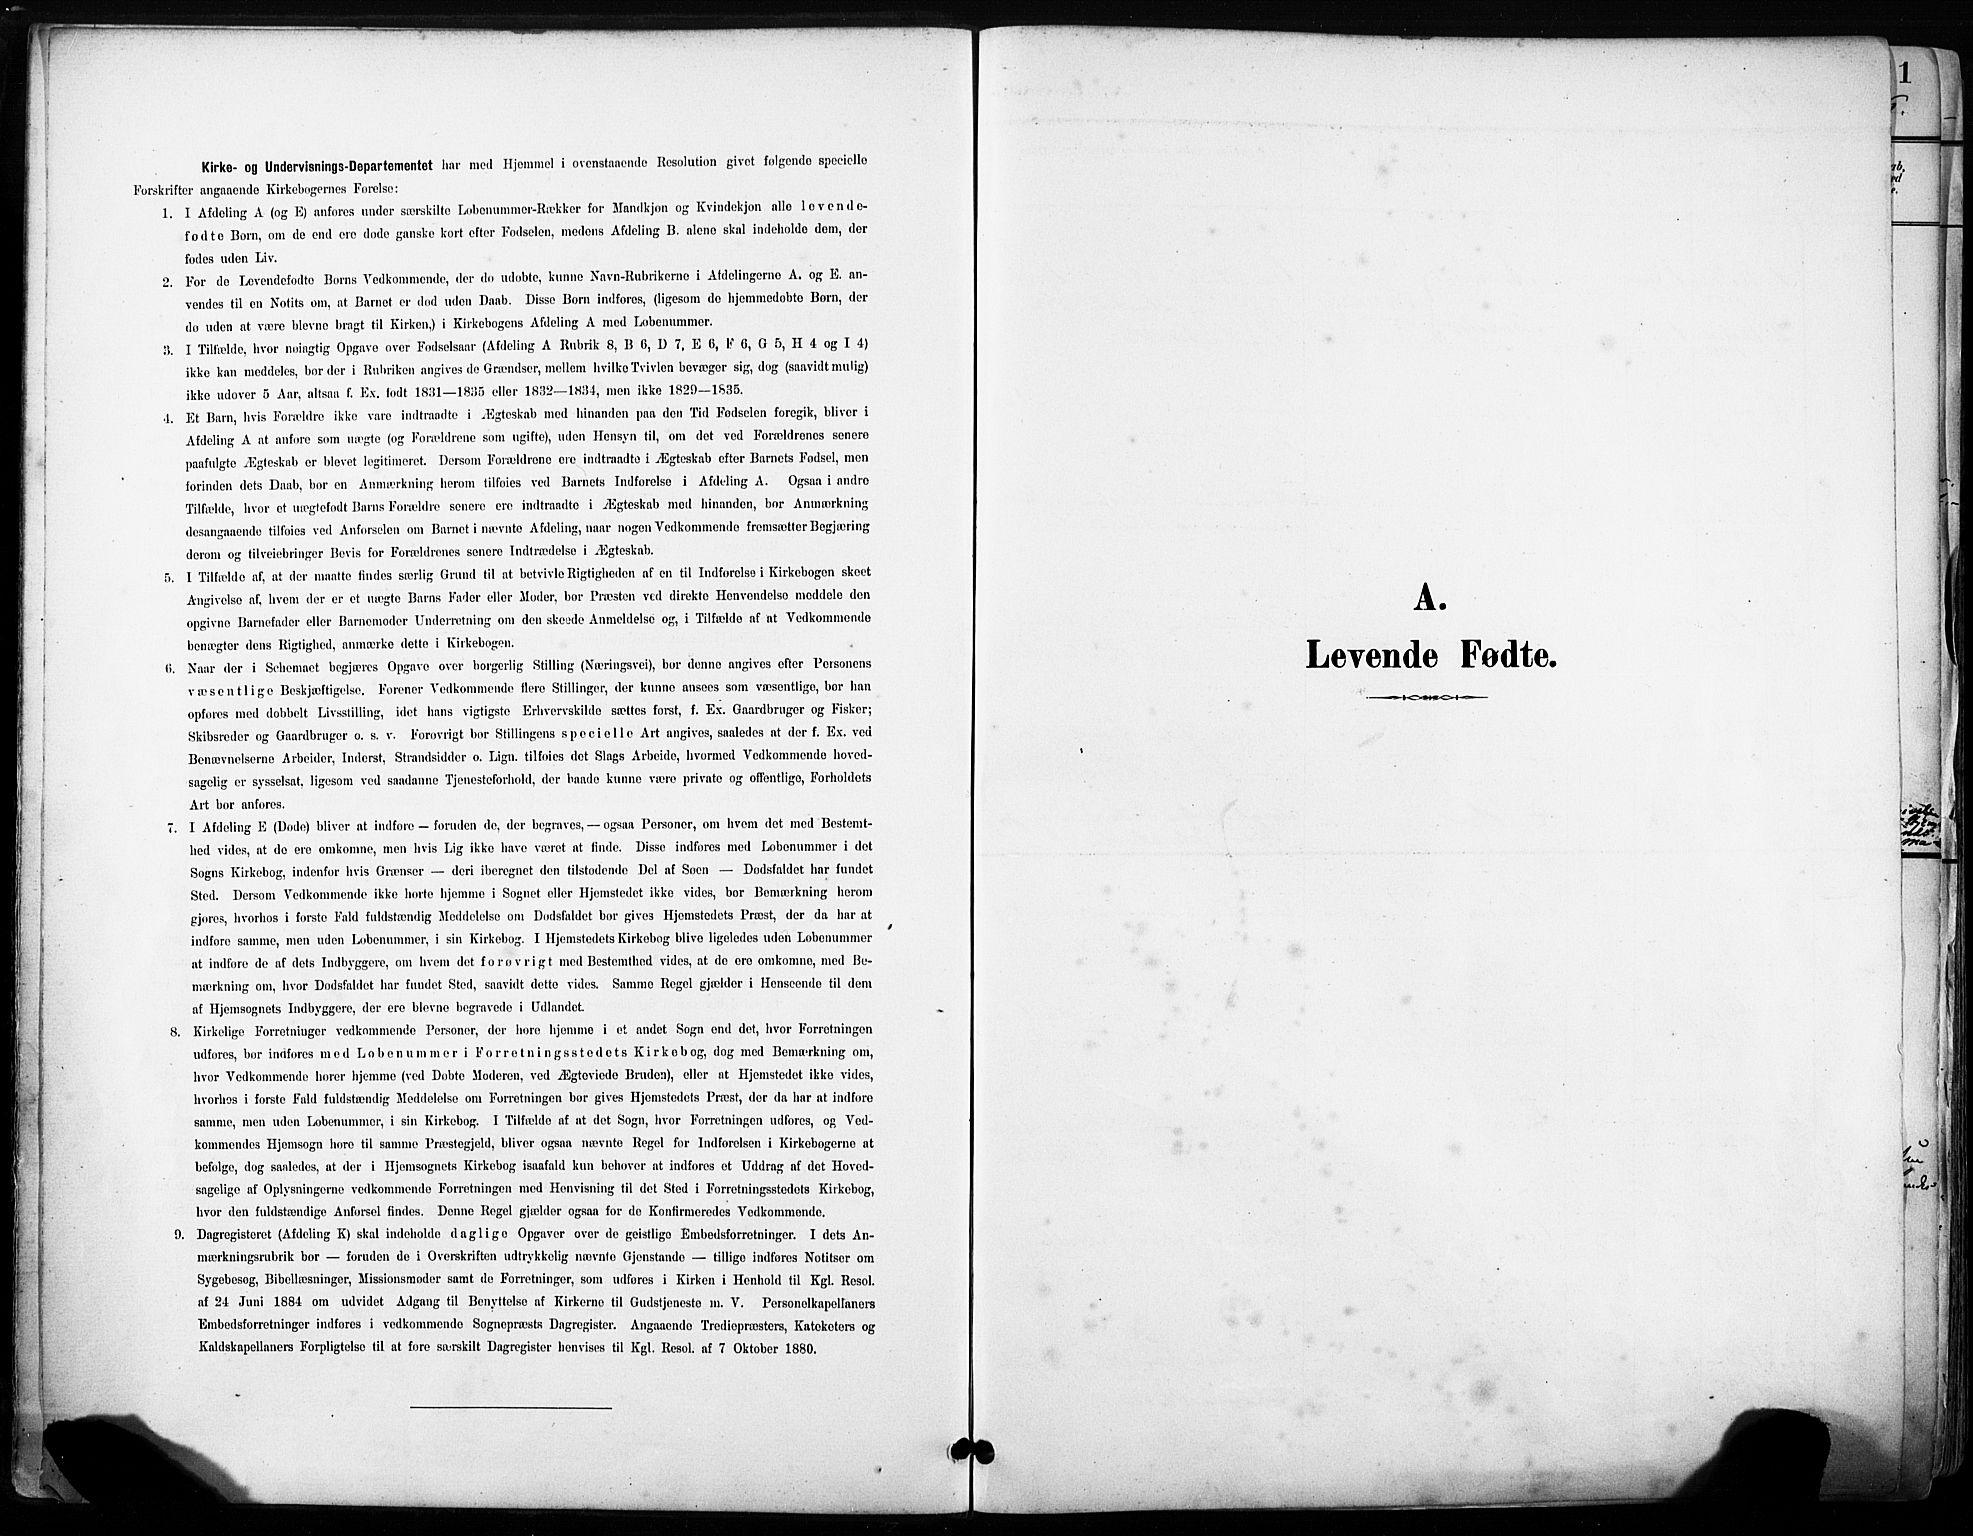 SAT, Ministerialprotokoller, klokkerbøker og fødselsregistre - Sør-Trøndelag, 630/L0497: Ministerialbok nr. 630A10, 1896-1910